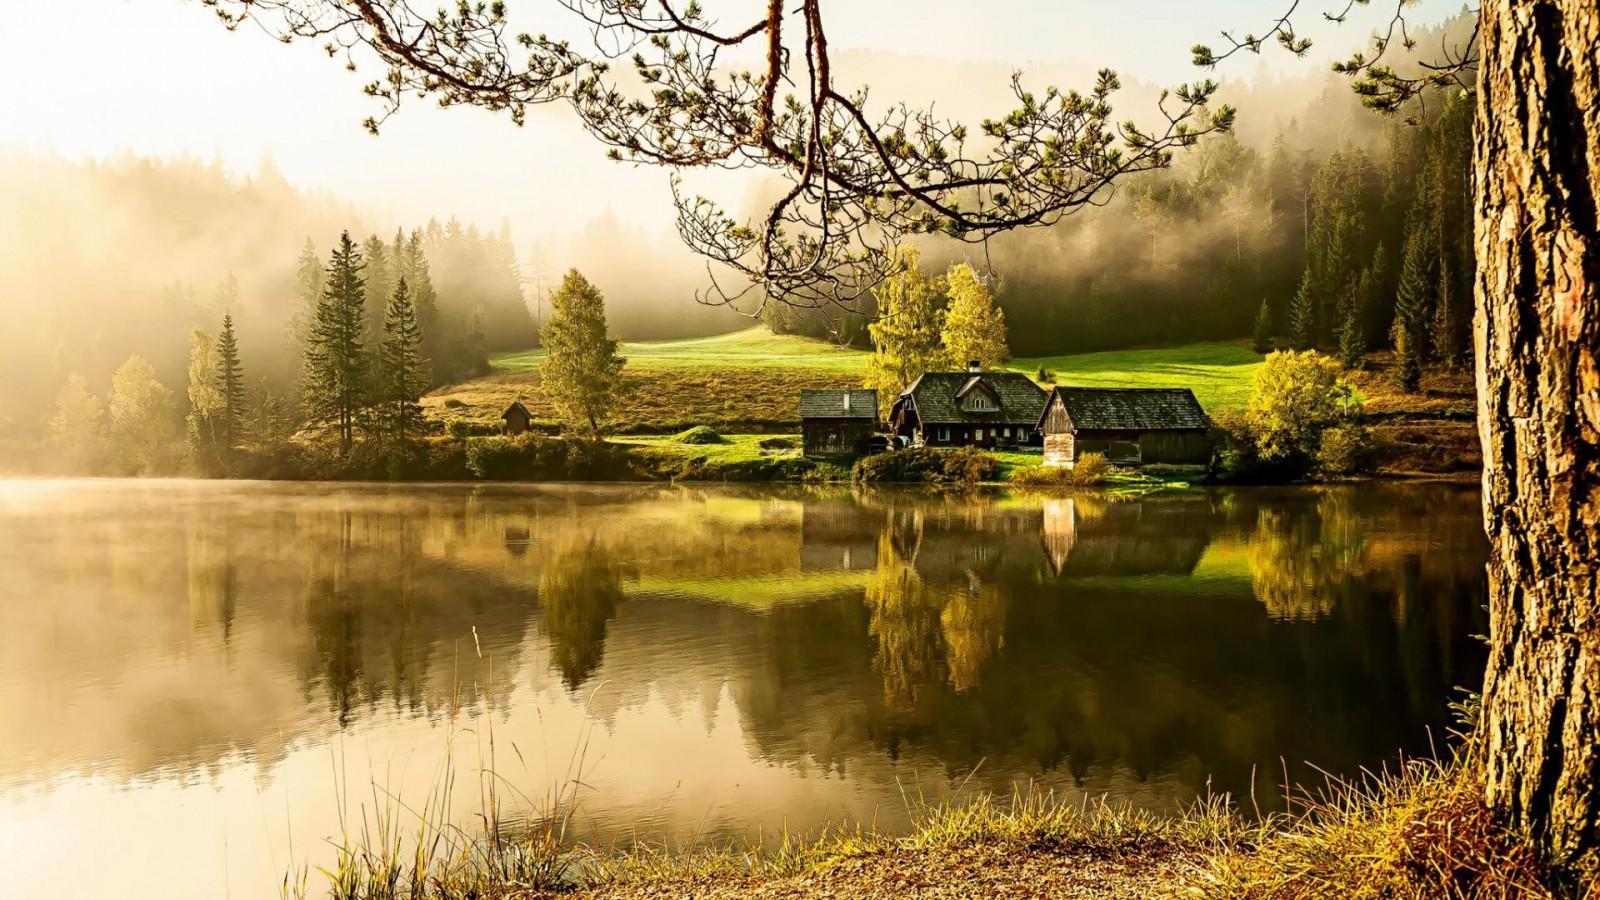 fond dcran maison de campagne lac le matin au calme de beaux 1600x900